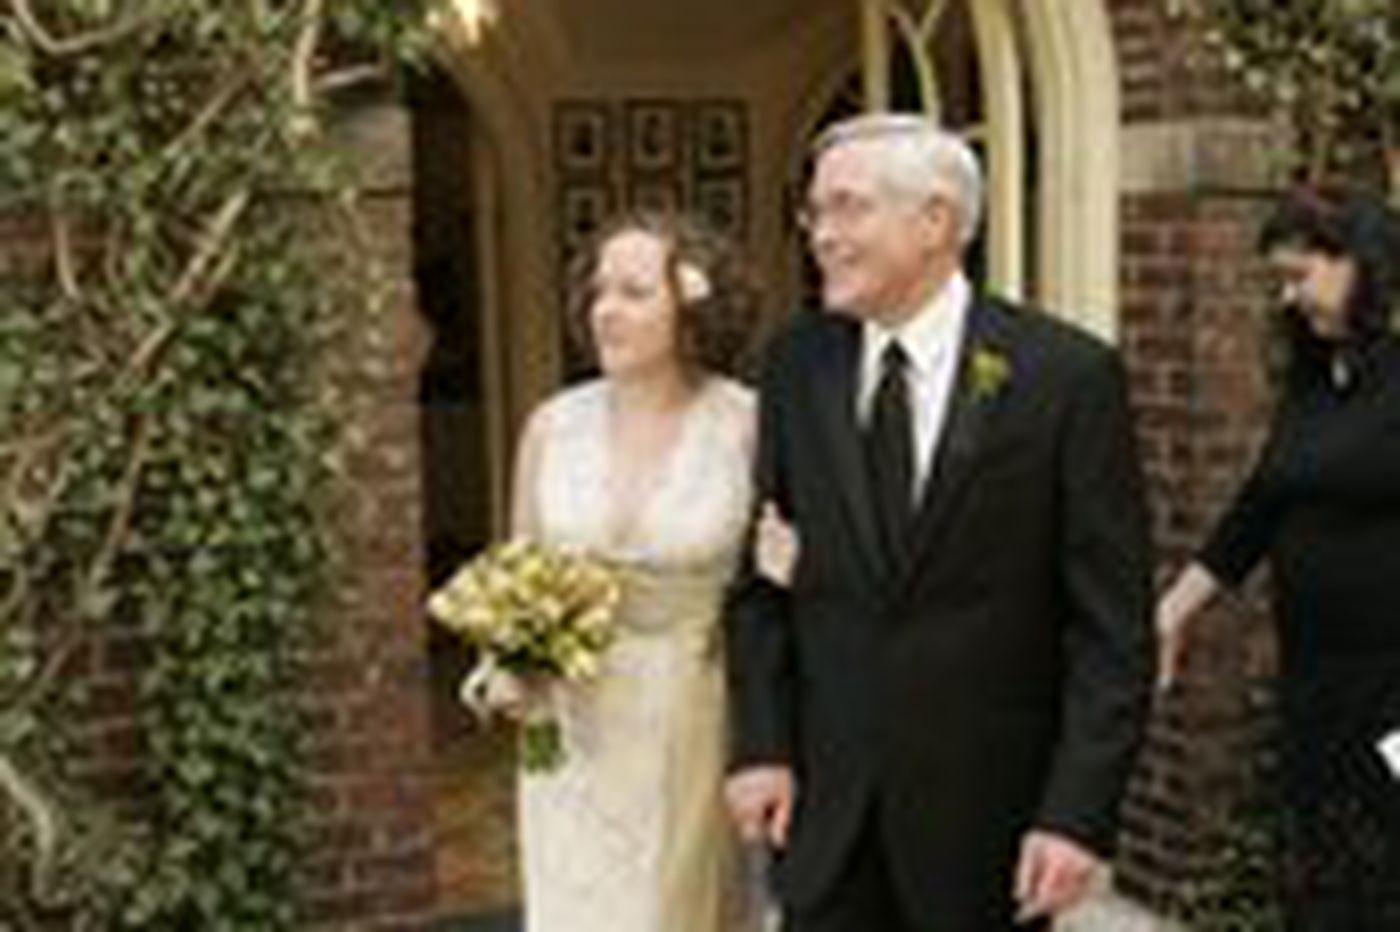 Love | Joy Elizabeth Powell & Kevin Michael Hershey